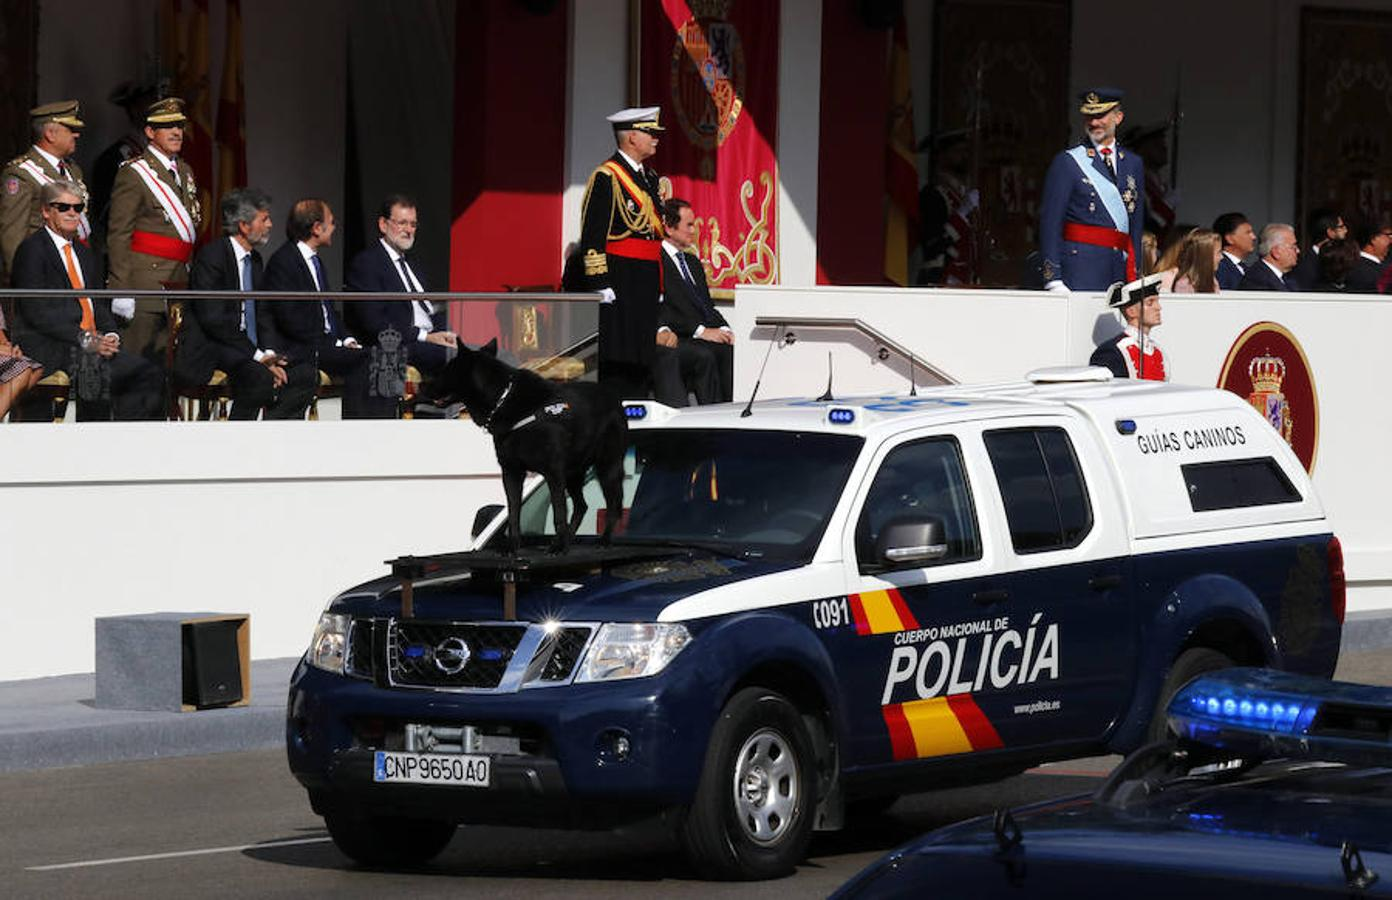 Miembros de la Unidad de Guías Caninos de la Policía Nacional (EFE)